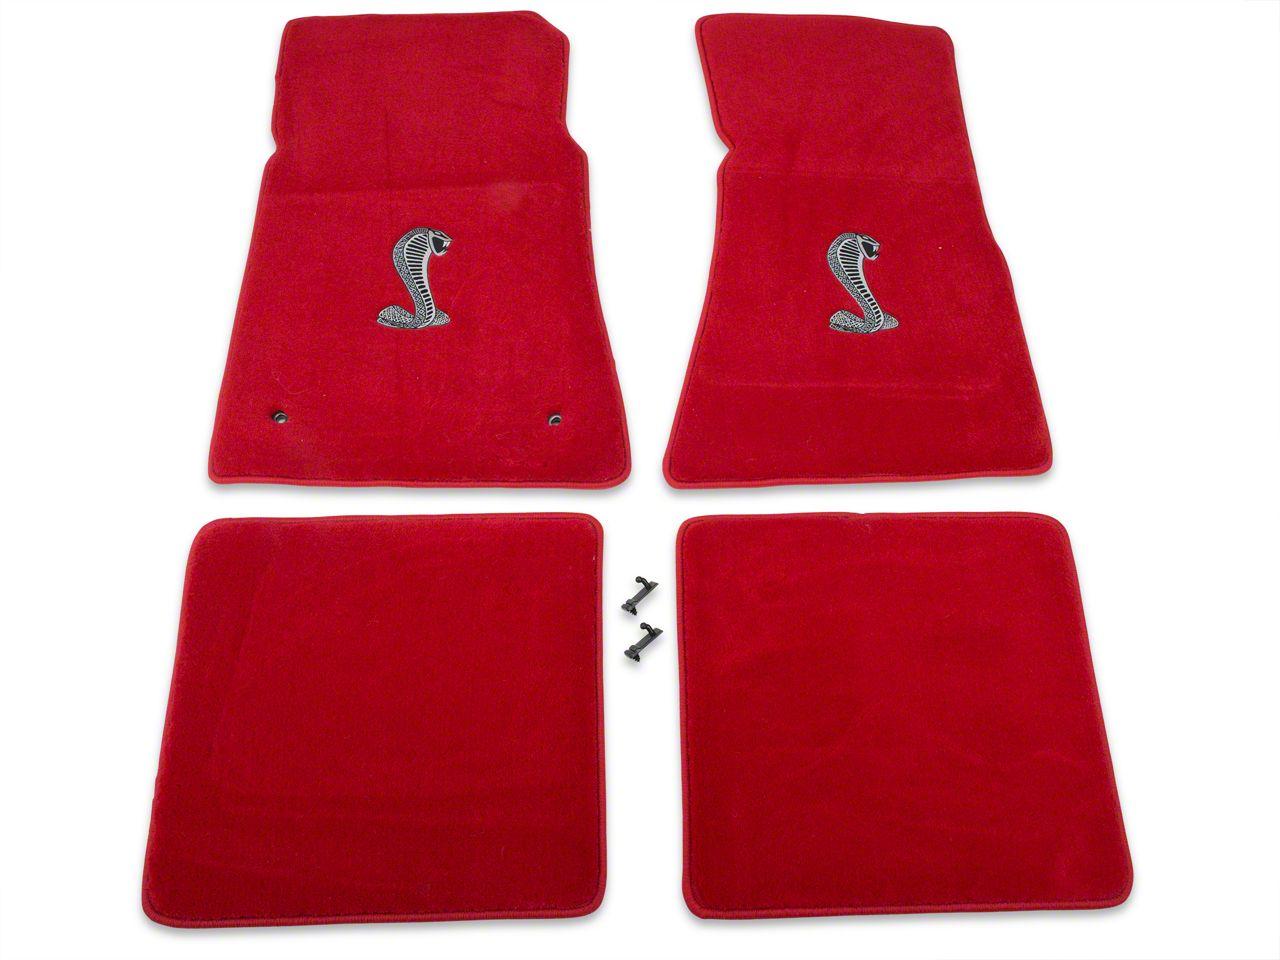 Lloyd Front & Rear Floor Mats w/ Cobra Logo - Red (79-93 All)